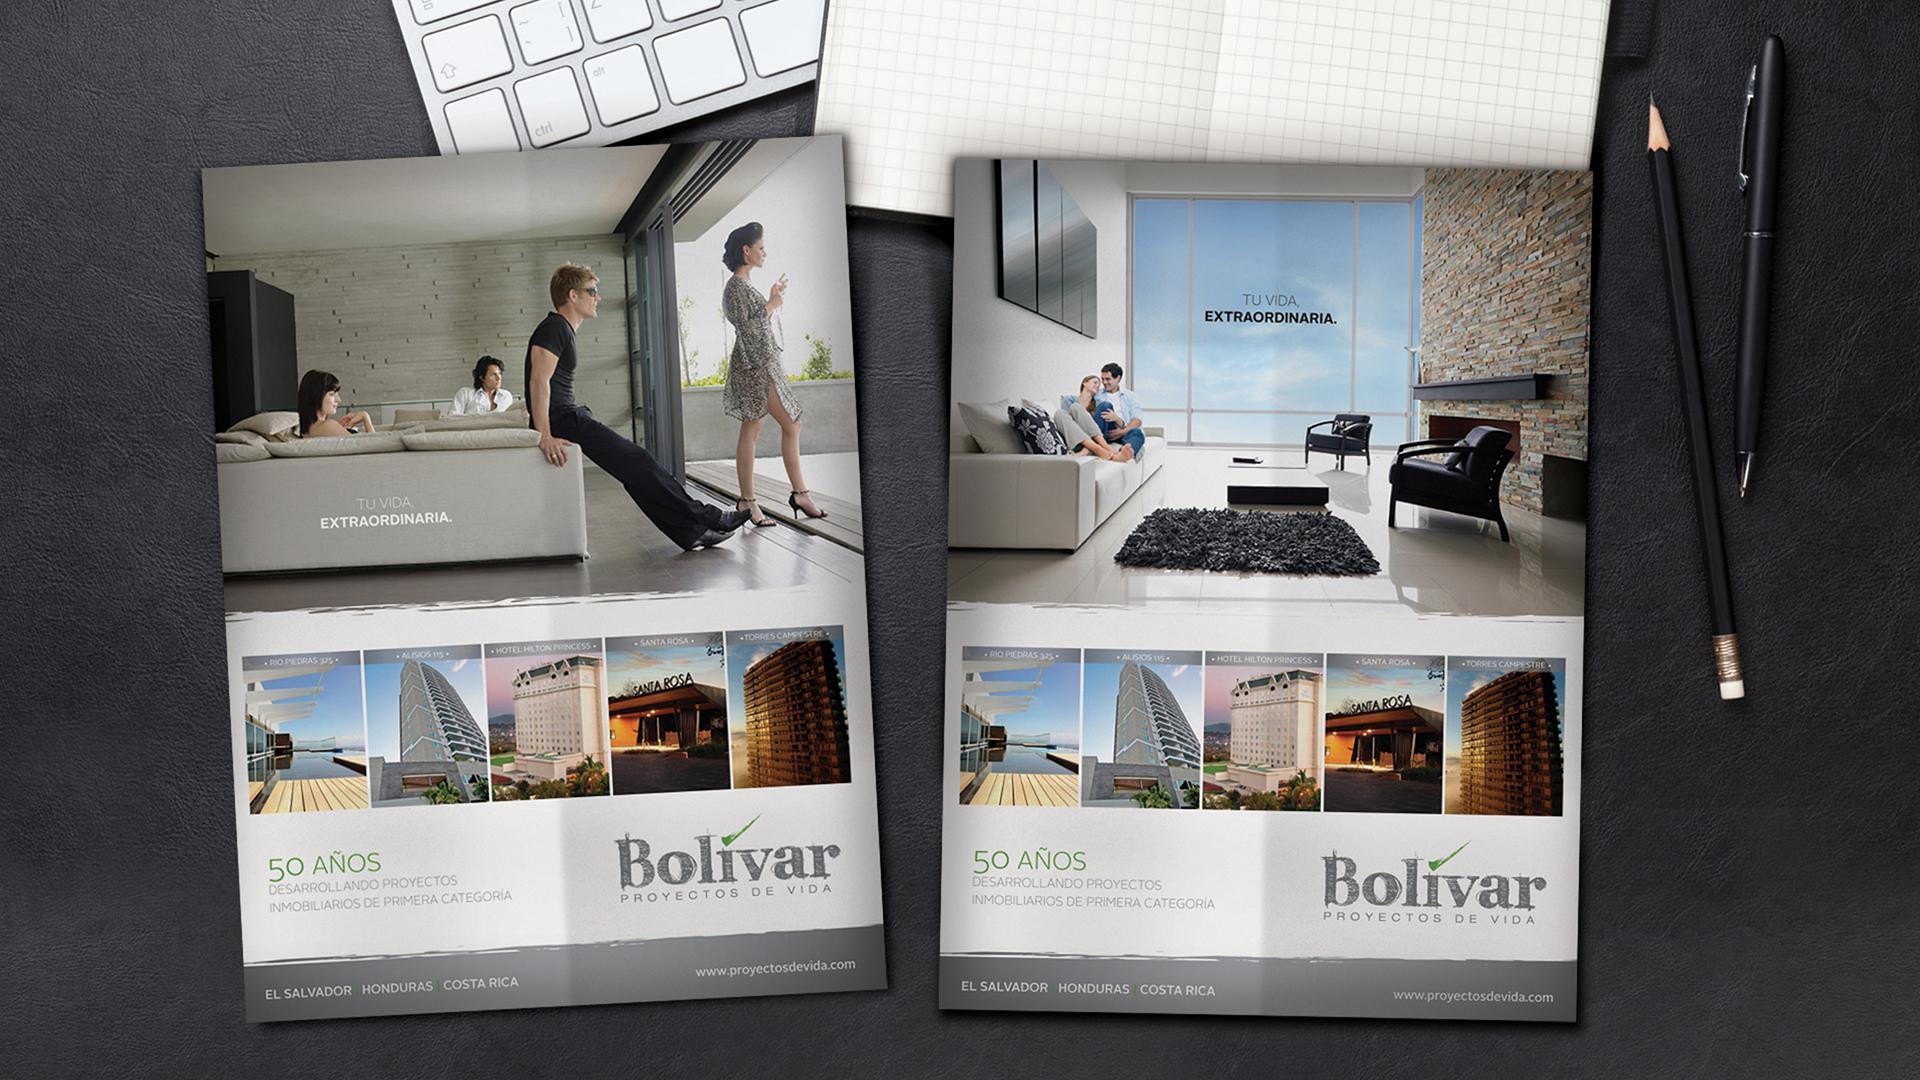 Bolivar_Montaje_1